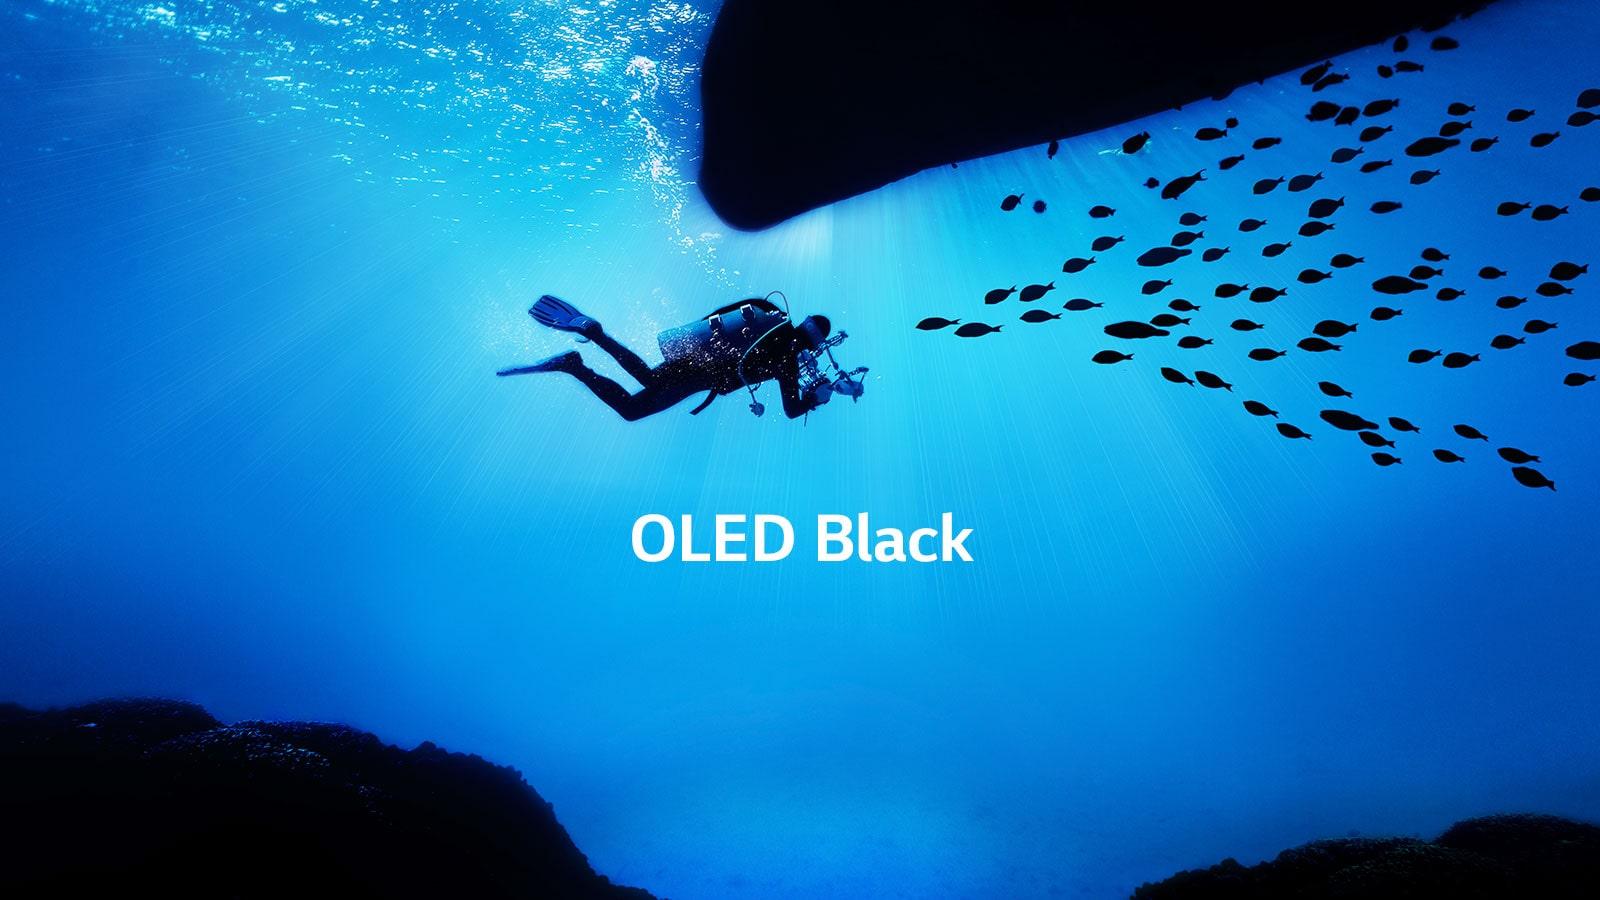 LG OLED Black TV